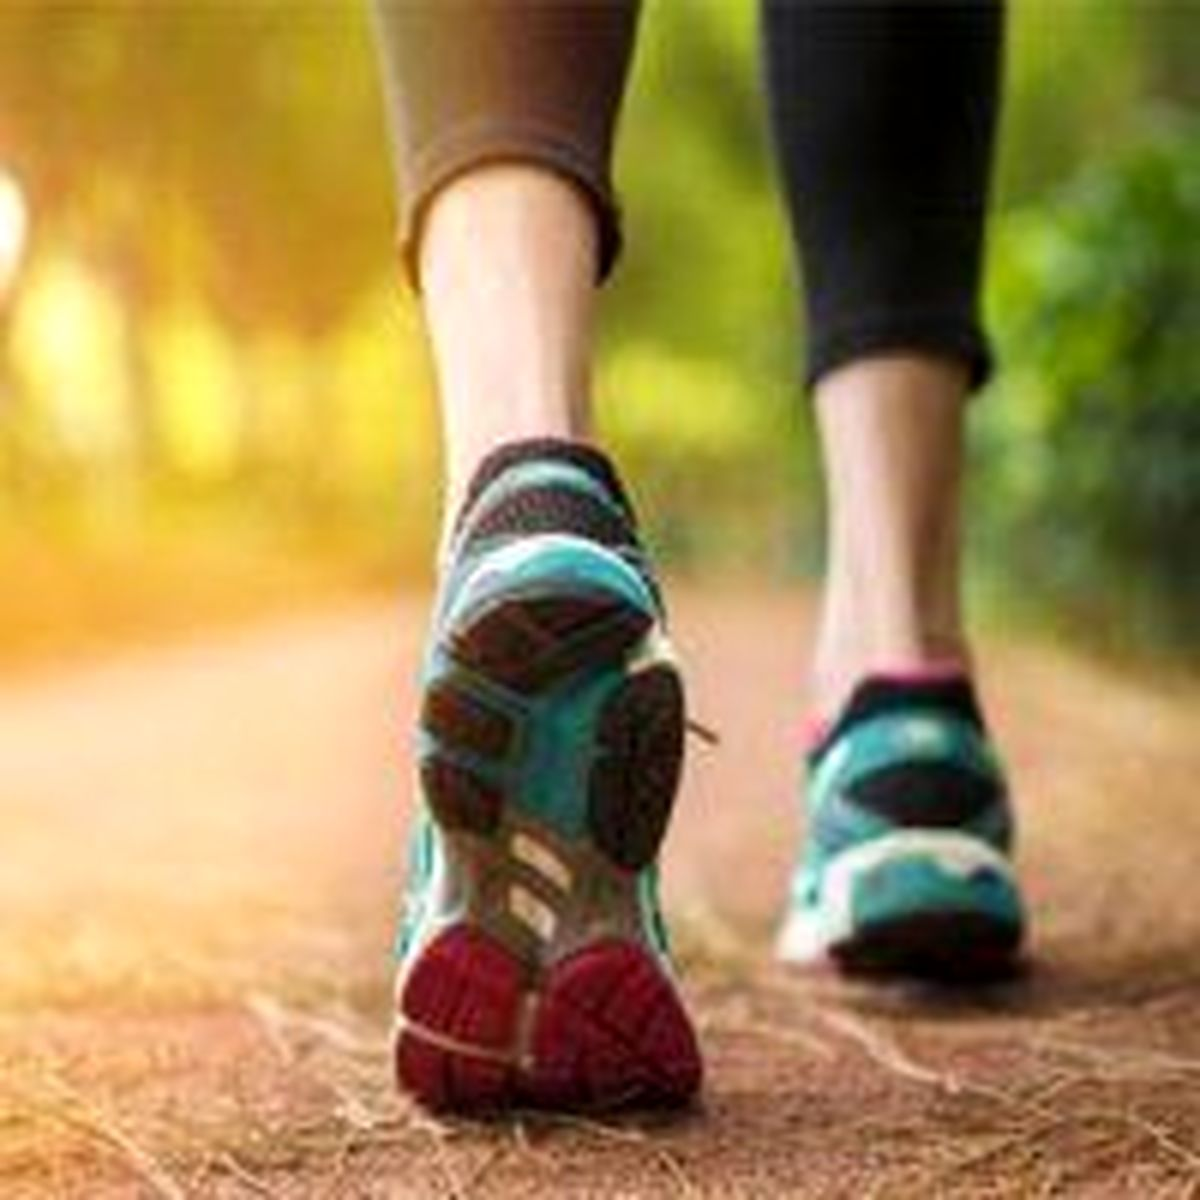 در هر سنی چگونه ورزش کنیم؟